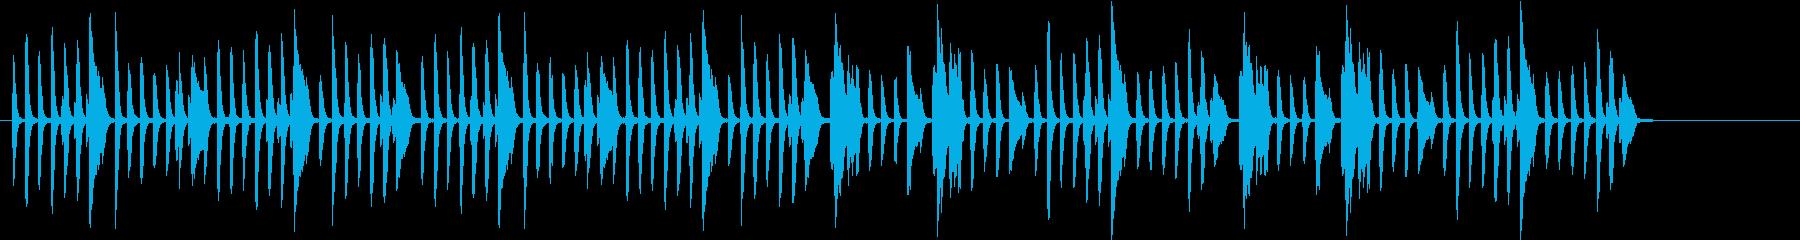 楽しく弾むBGMの再生済みの波形